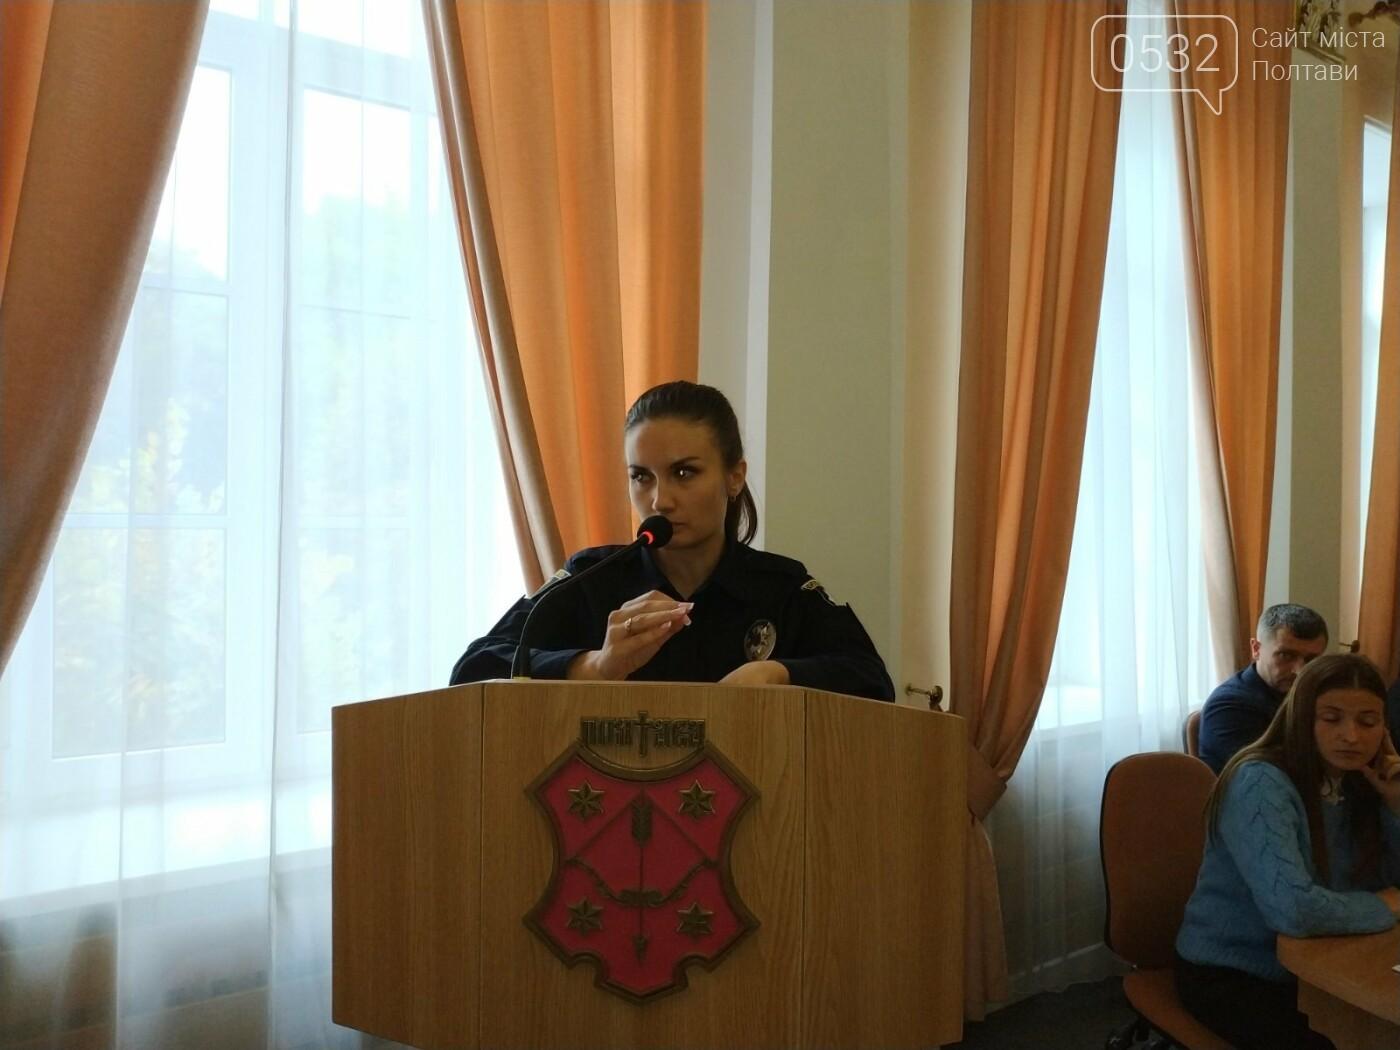 У міській раді Полтави розгорілись пристрасті навколо заборони продажу алкоголю (ФОТО, ВІДЕО), фото-3